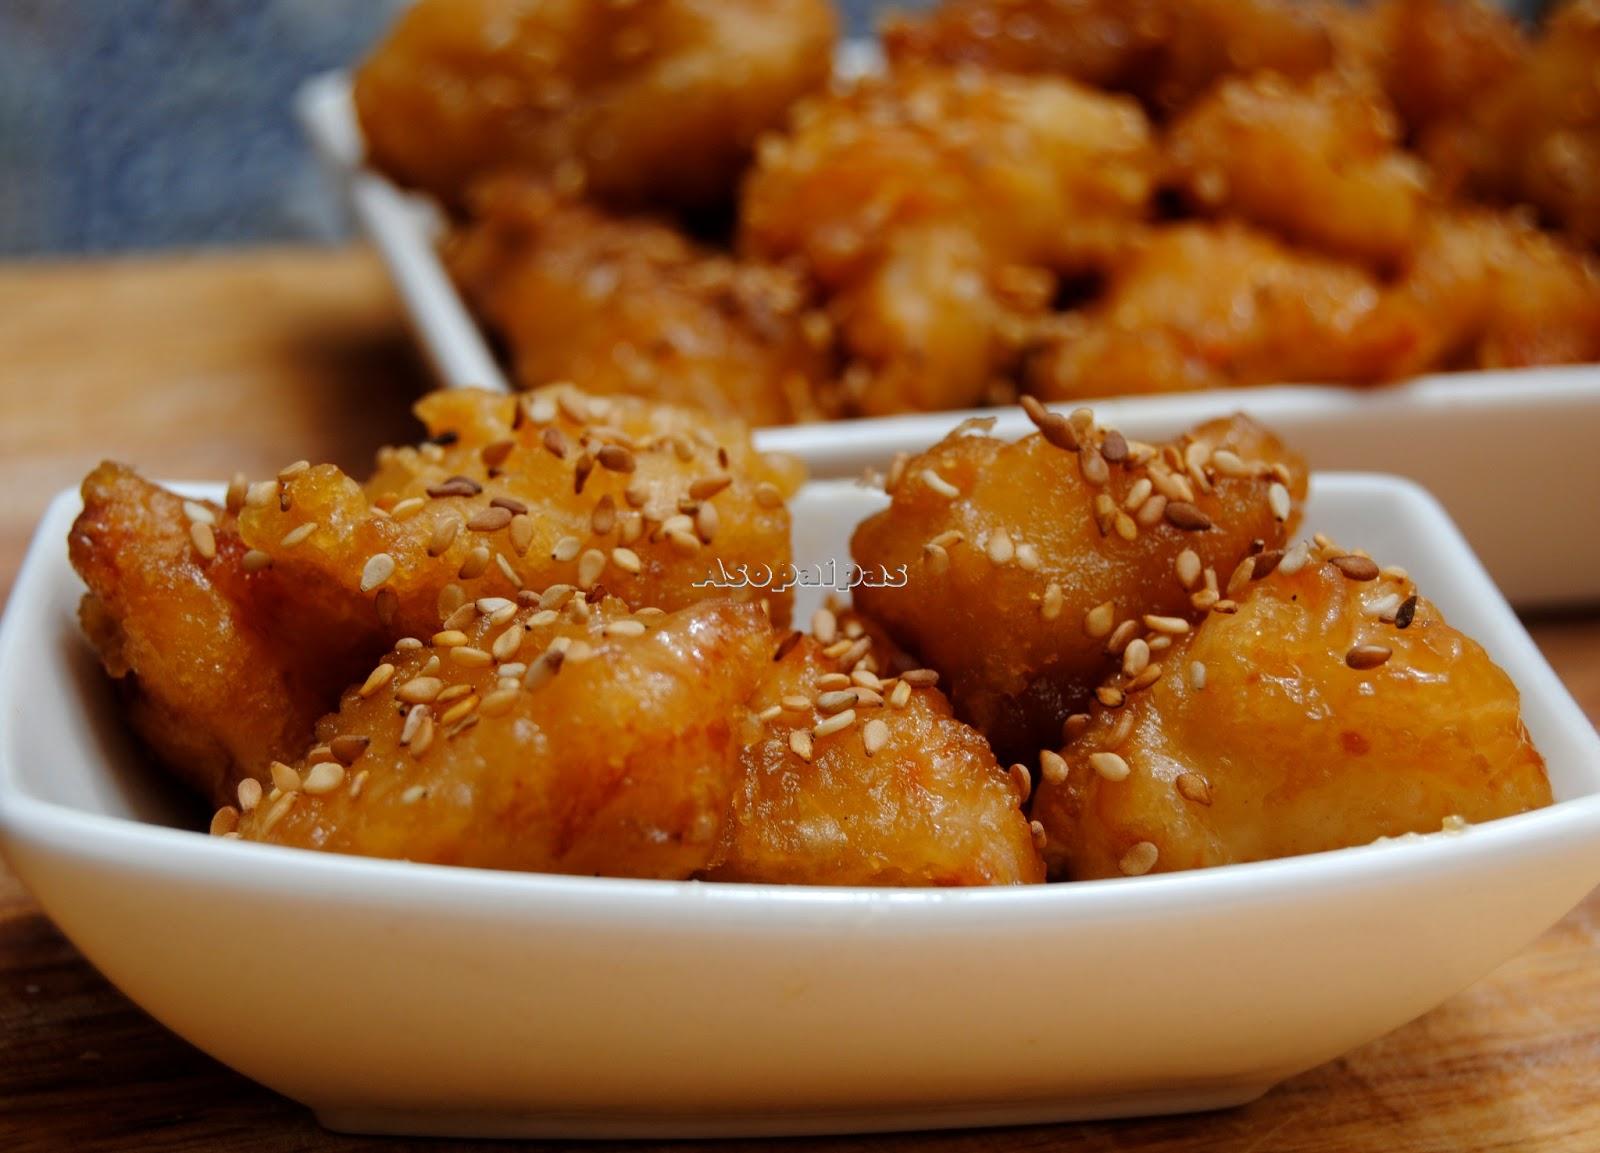 Pollo a la miel m zh j receta asopaipas recetas de cocina casera - Comidas baratas y sencillas ...